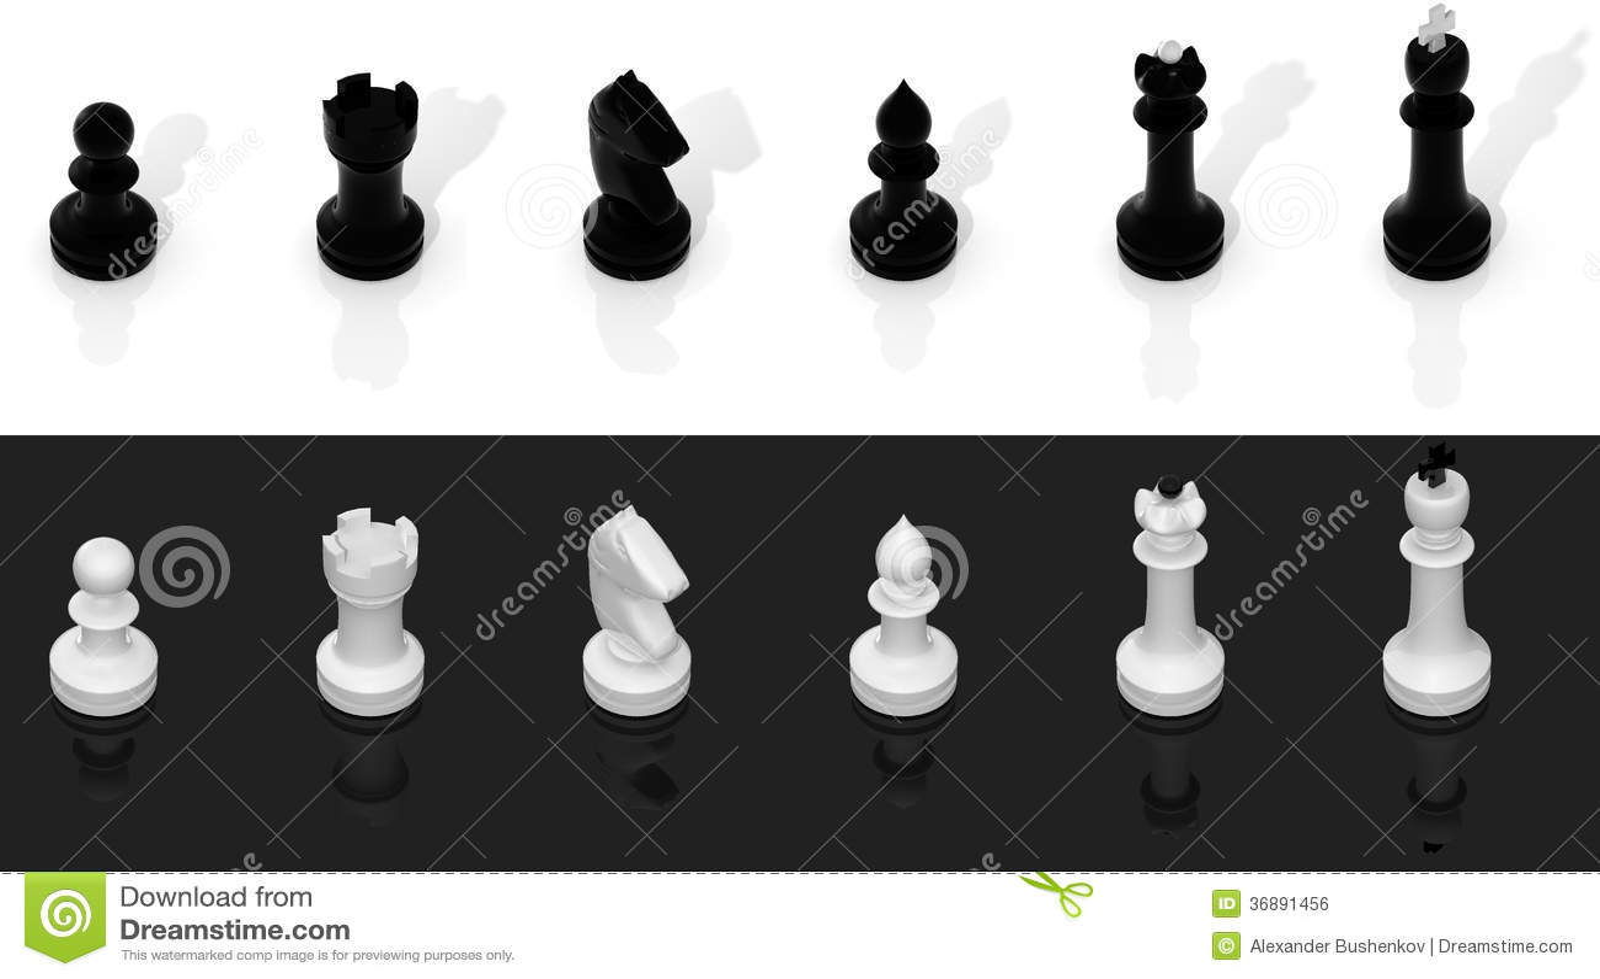 Download Insieme di scacchi illustrazione di stock. Illustrazione di concorrenza - 36891456